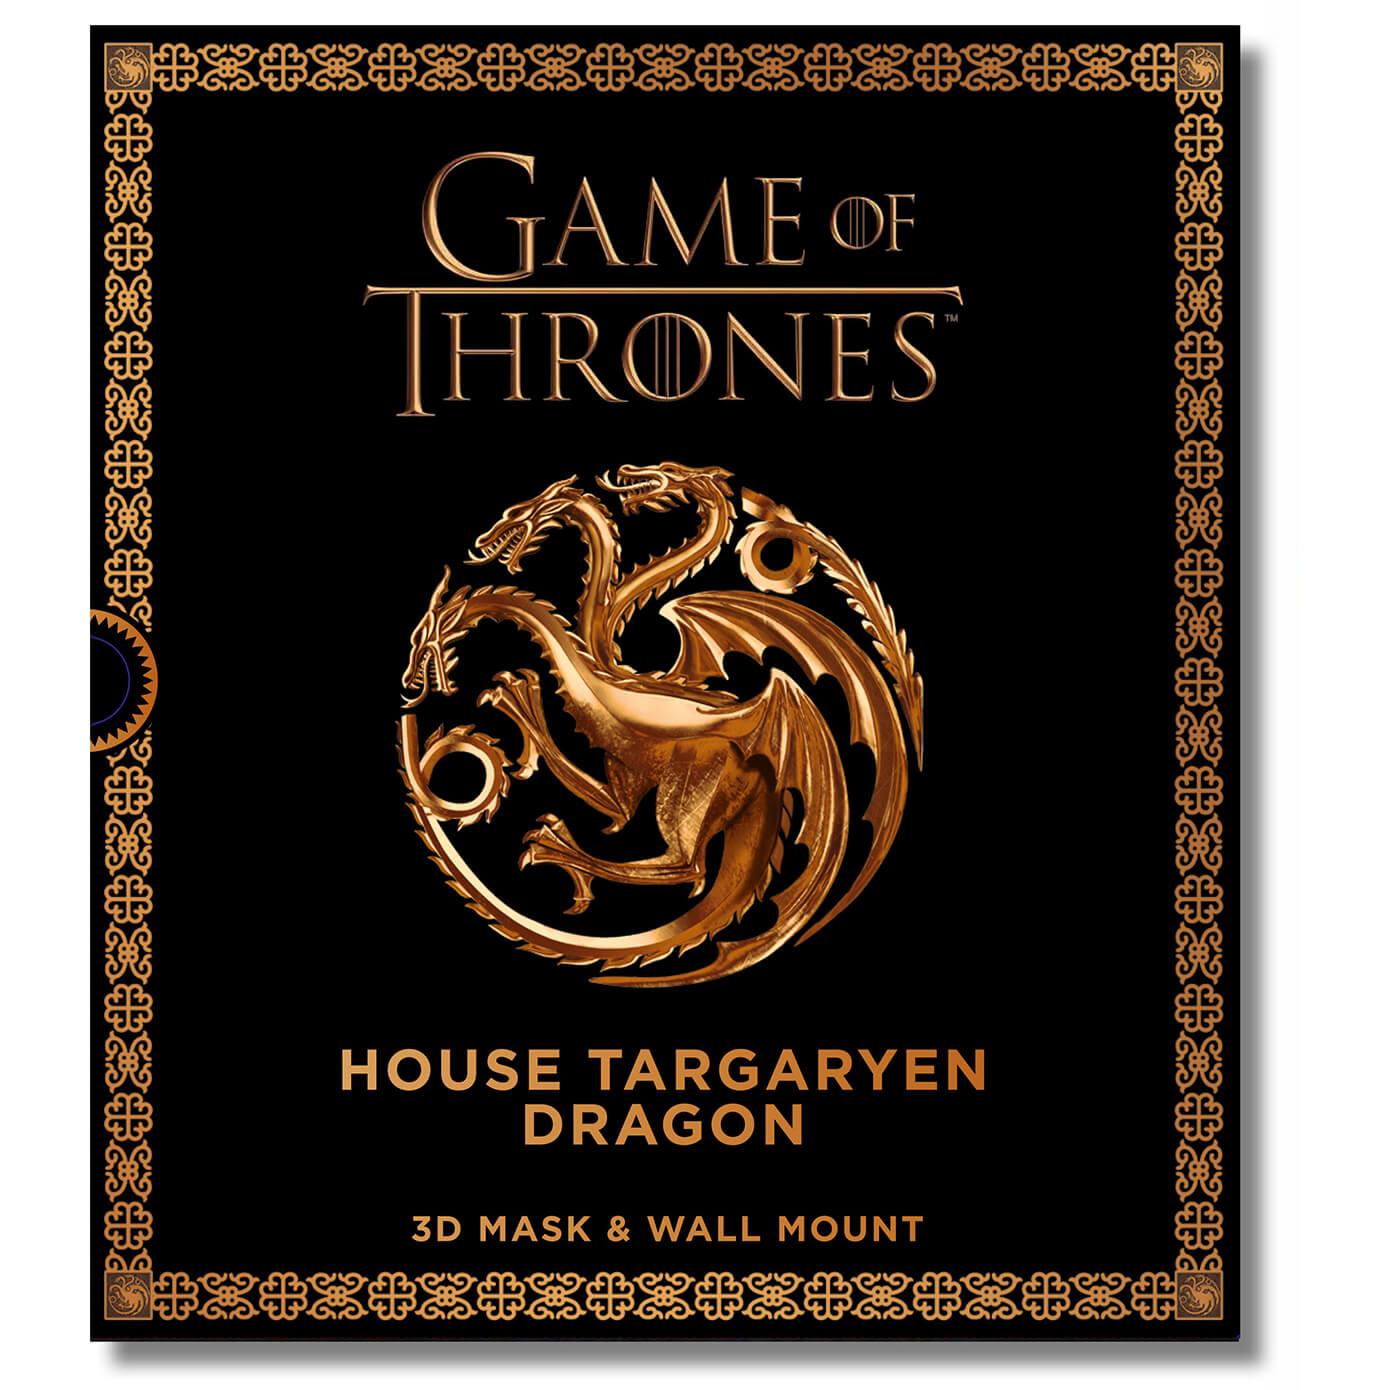 Máscara 3D dragón Targaryen, Juego de Tronos